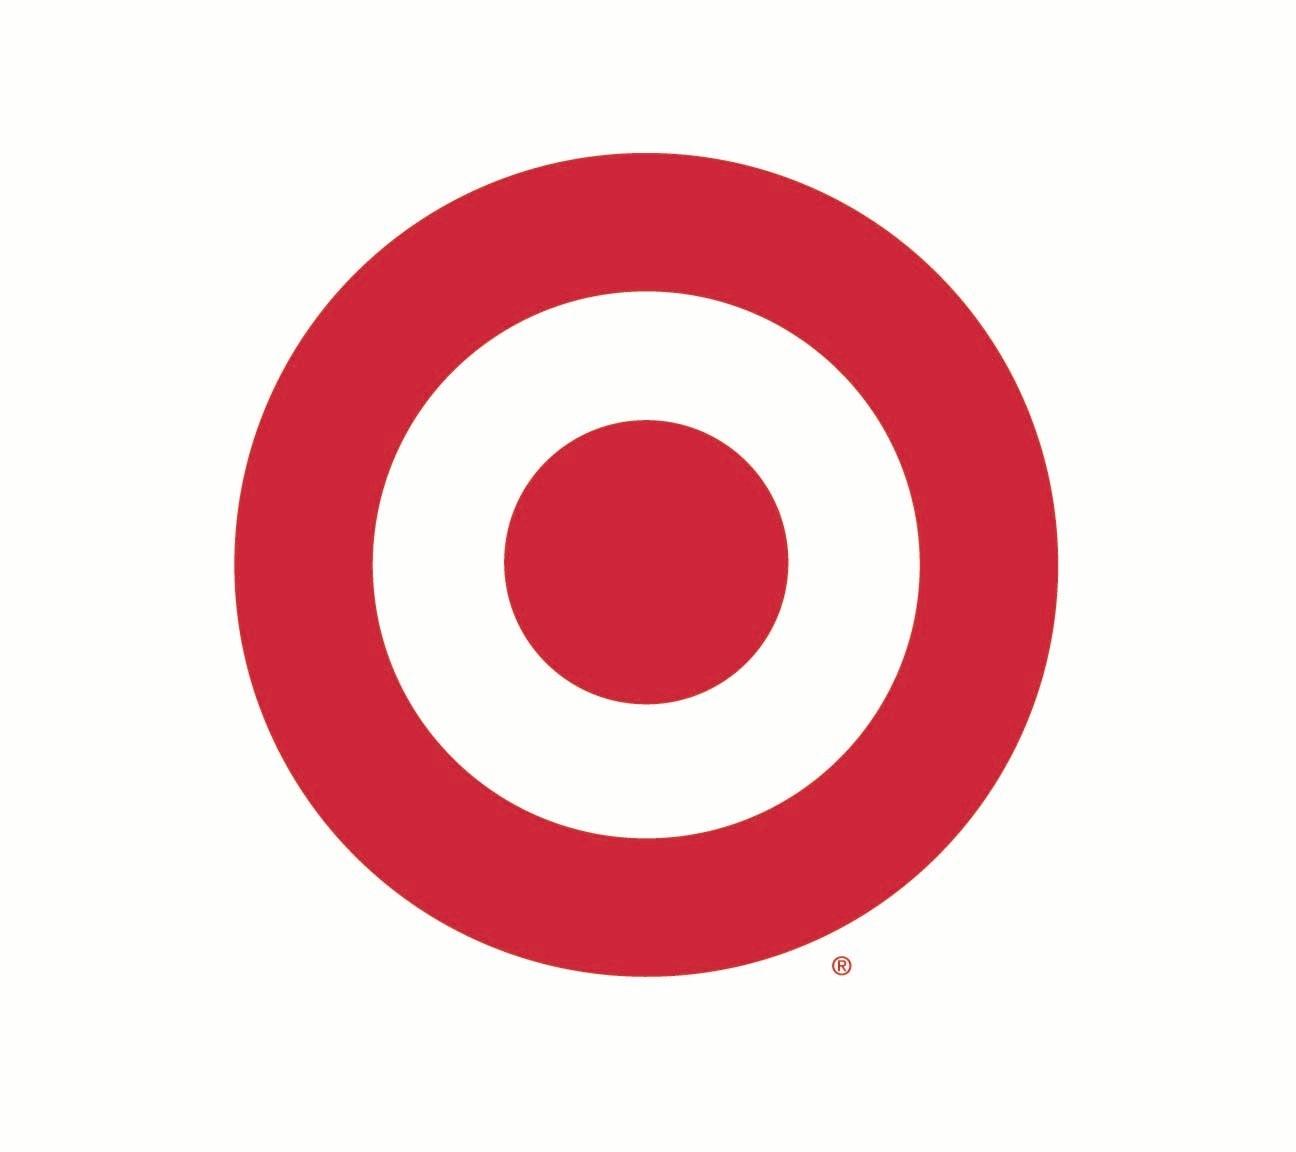 Target Bullseye Clipart Best